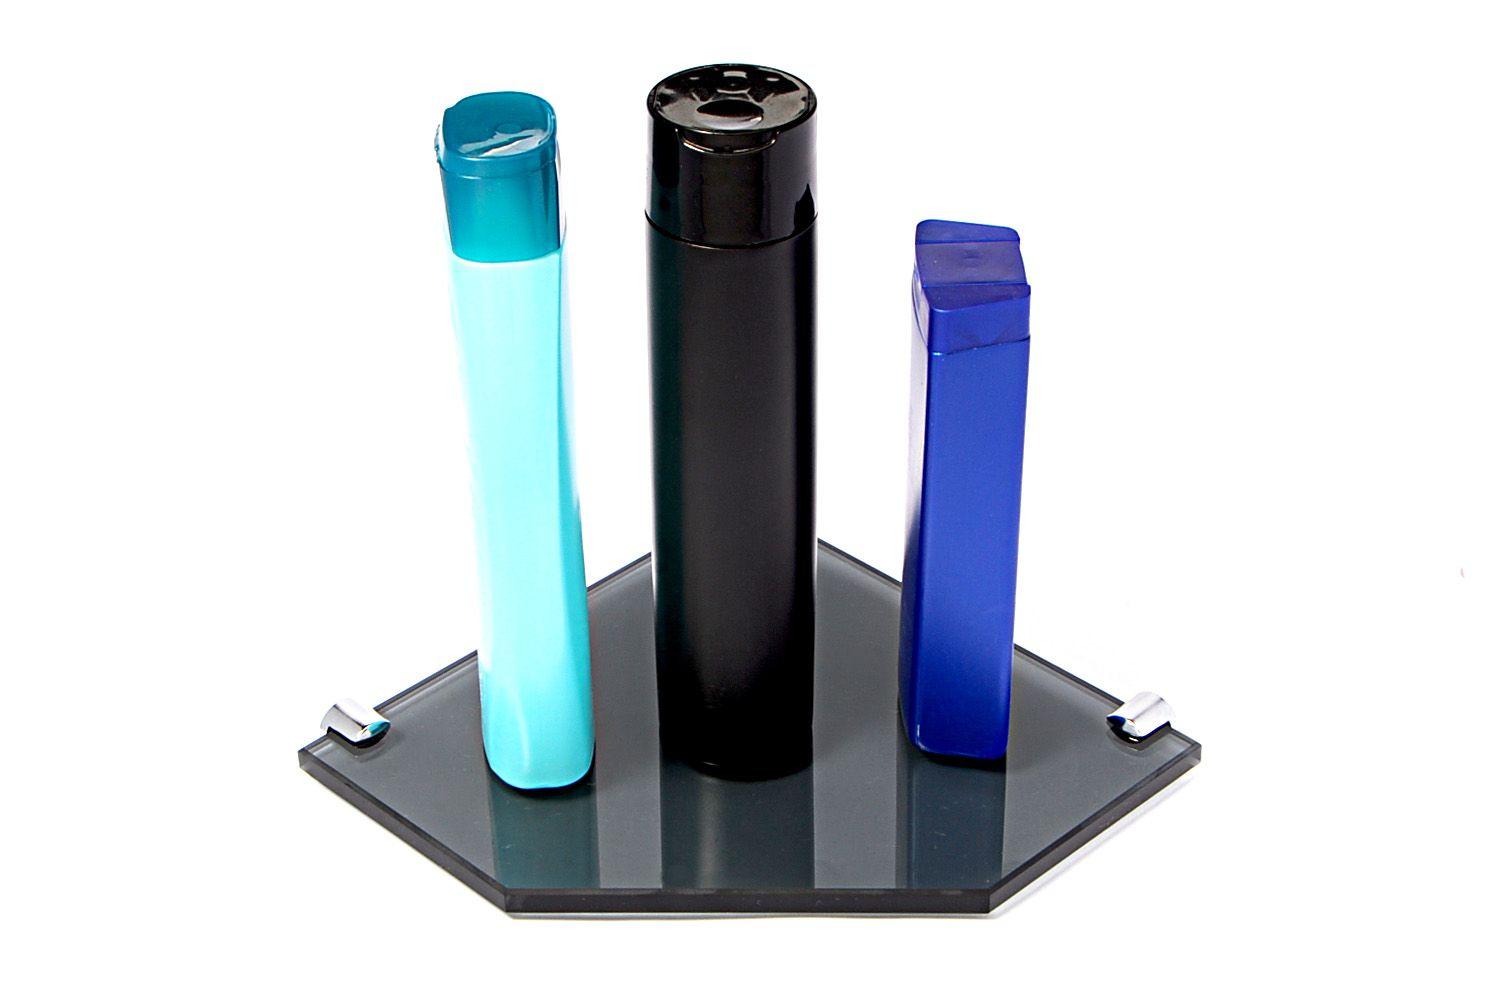 Porta Shampoo de Canto Reto em Vidro Fumê Lapidado - Aquabox  - 20cmx20cmx10mm